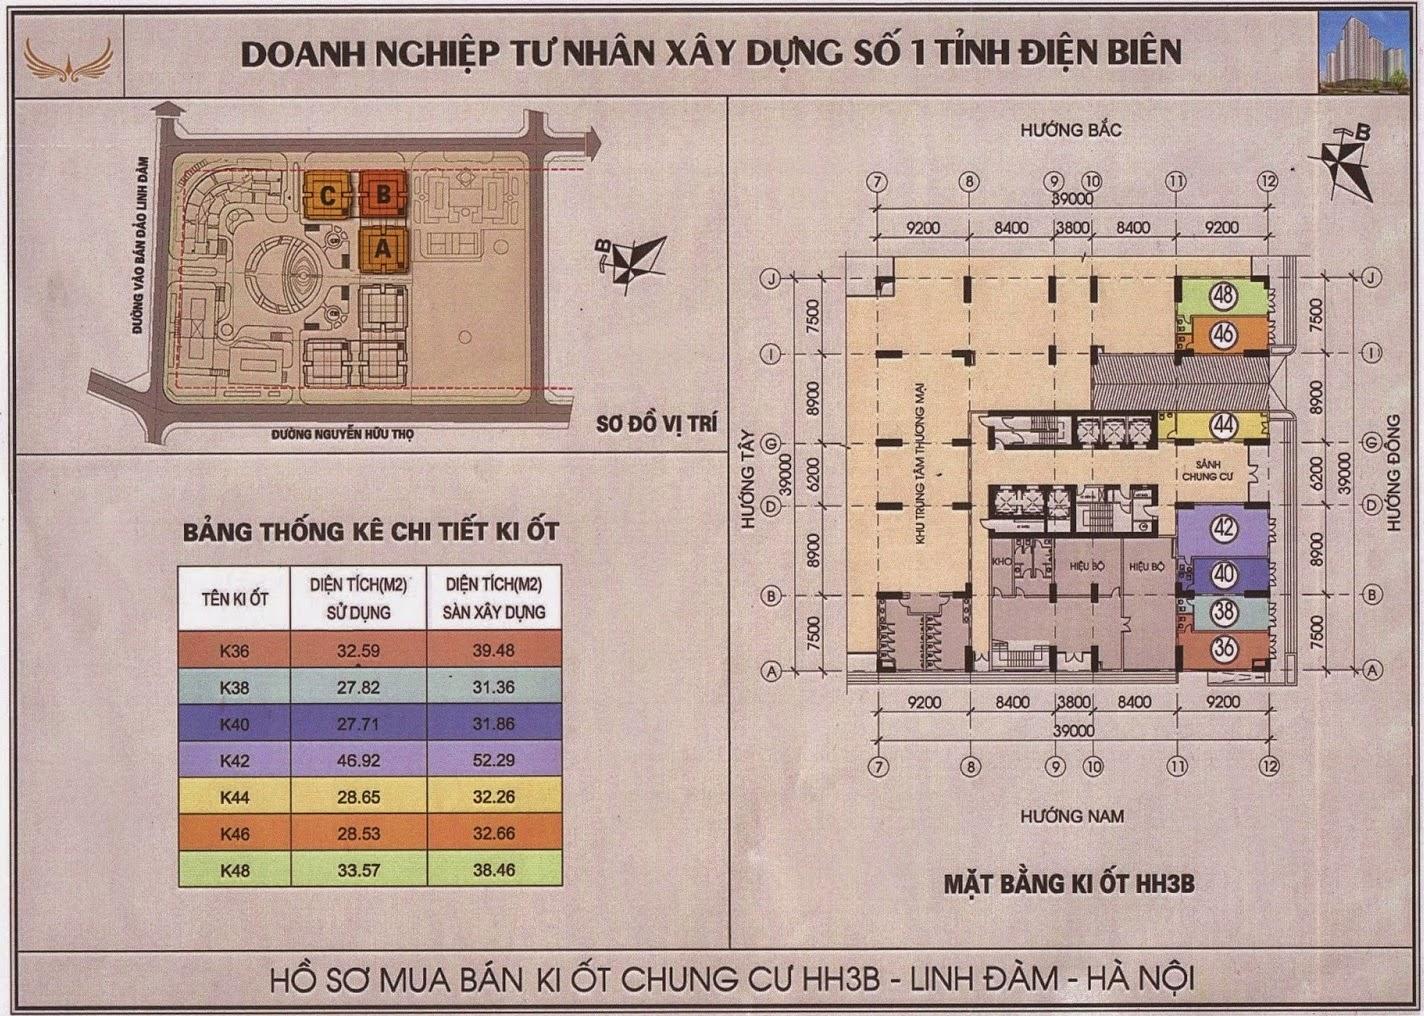 mat bang kiot hh3b